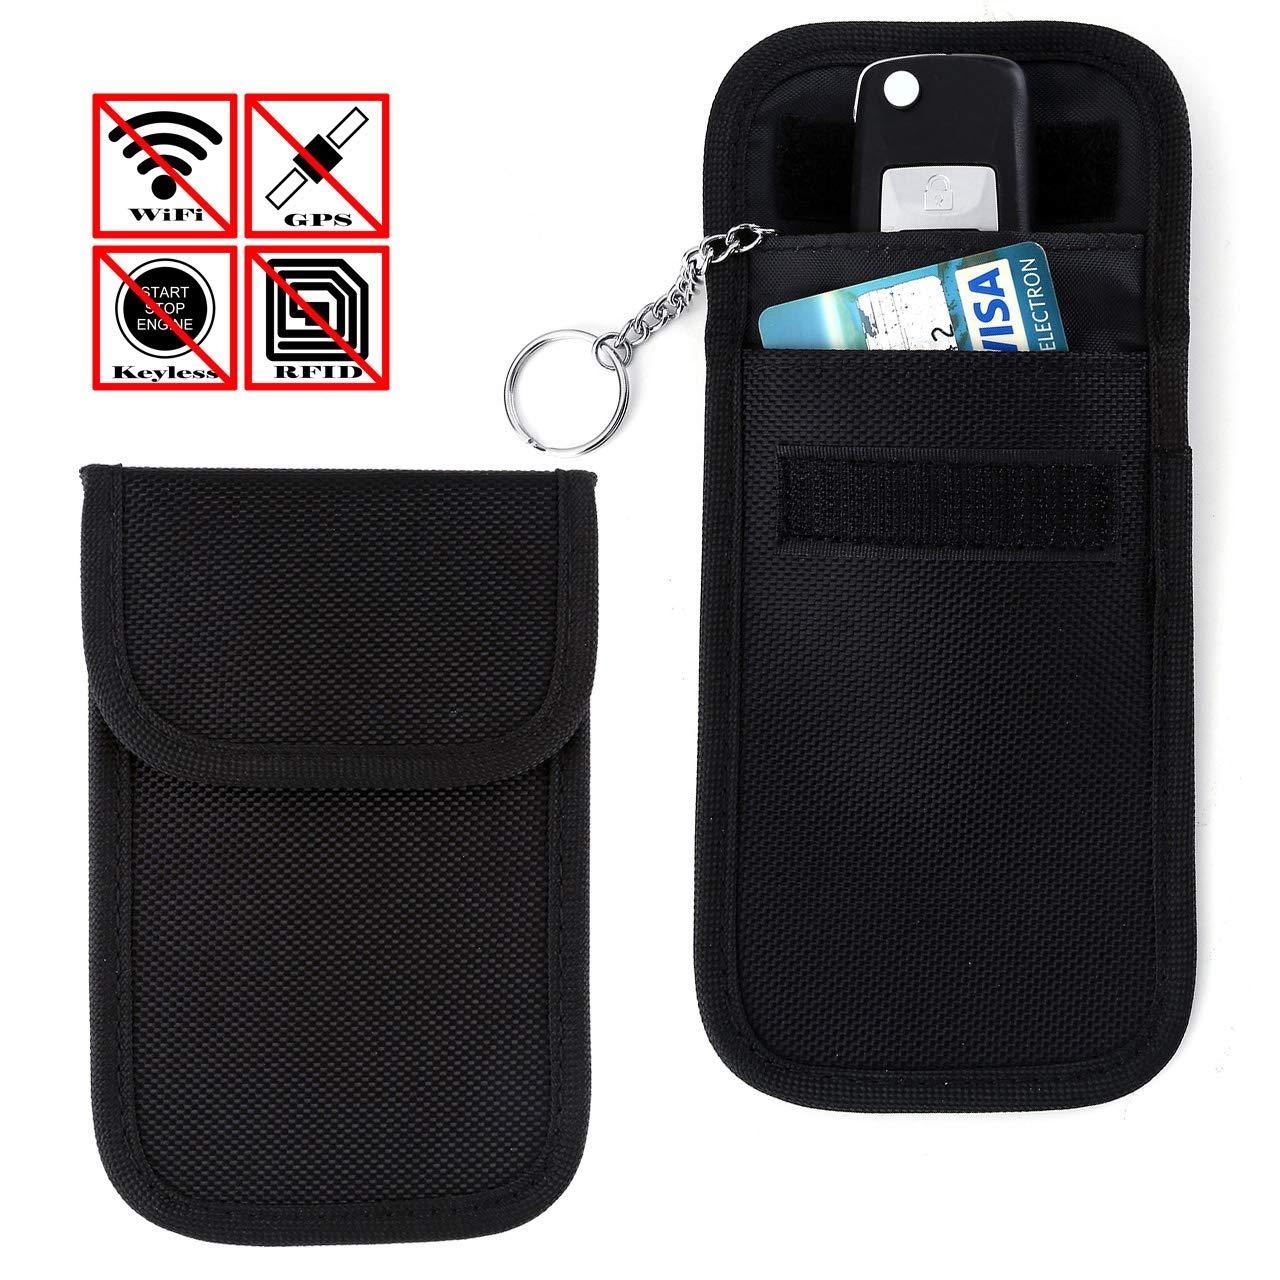 ACBungji Faraday - Custodia protettiva per chiavi auto Keyless Go, custodia NFC per carte di credito RFID Smartcard (14 x 9 cm, panno in Oxford verticale, nero), 2 pezzi